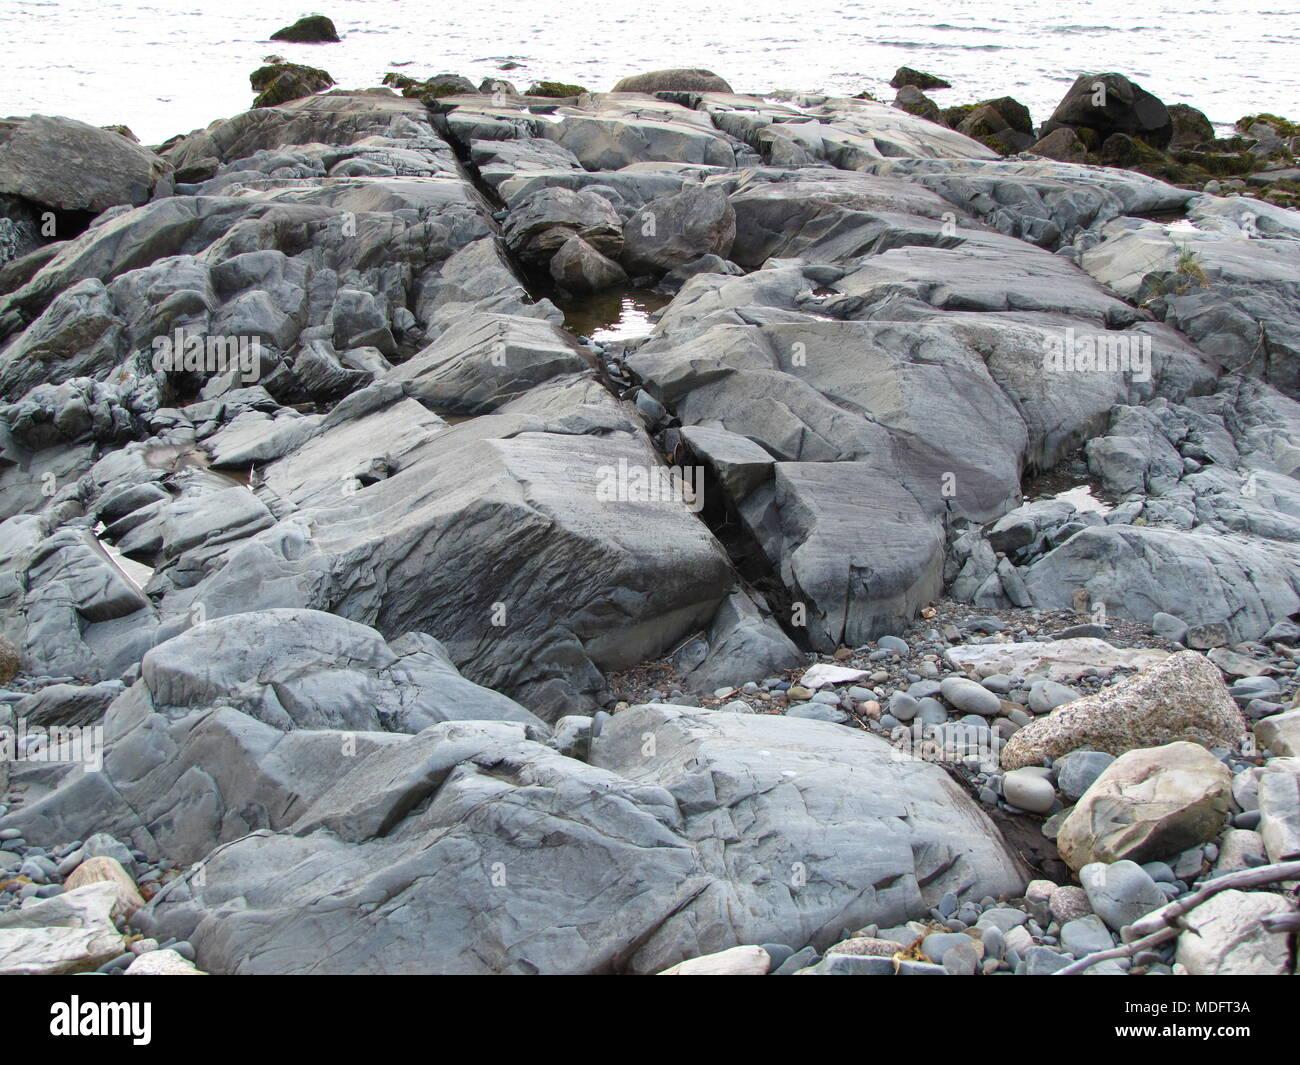 Zerklüfteten Felsformationen entlang der Küstenlinie von Chezzetcook Einlass, Nova Scotia, Kanada Stockbild